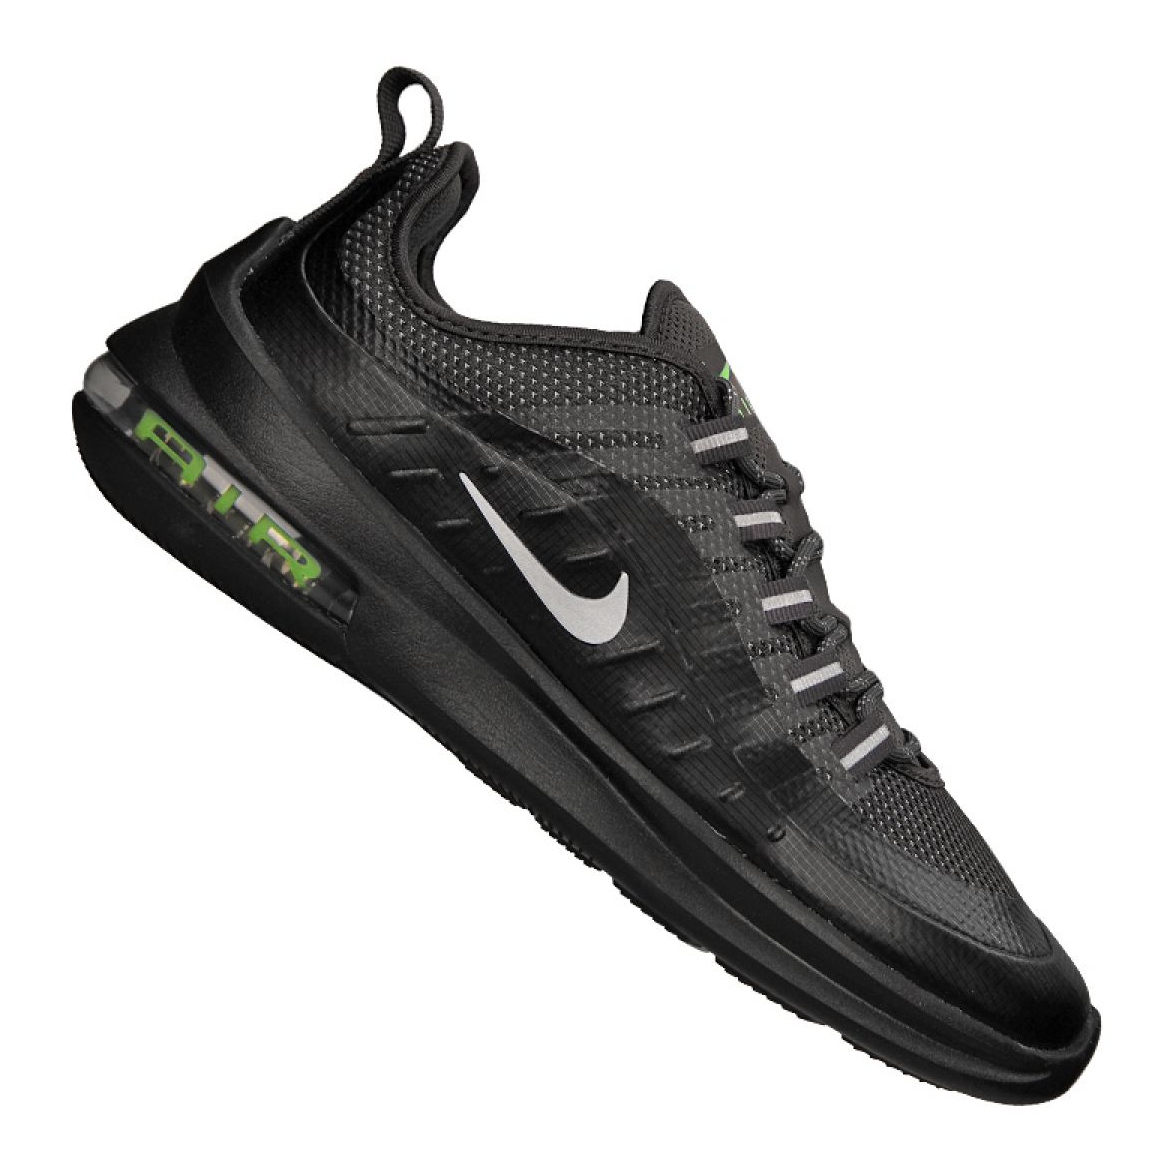 Sapatilhas Nike Air Max Axis Premium M AA2148 009 preto